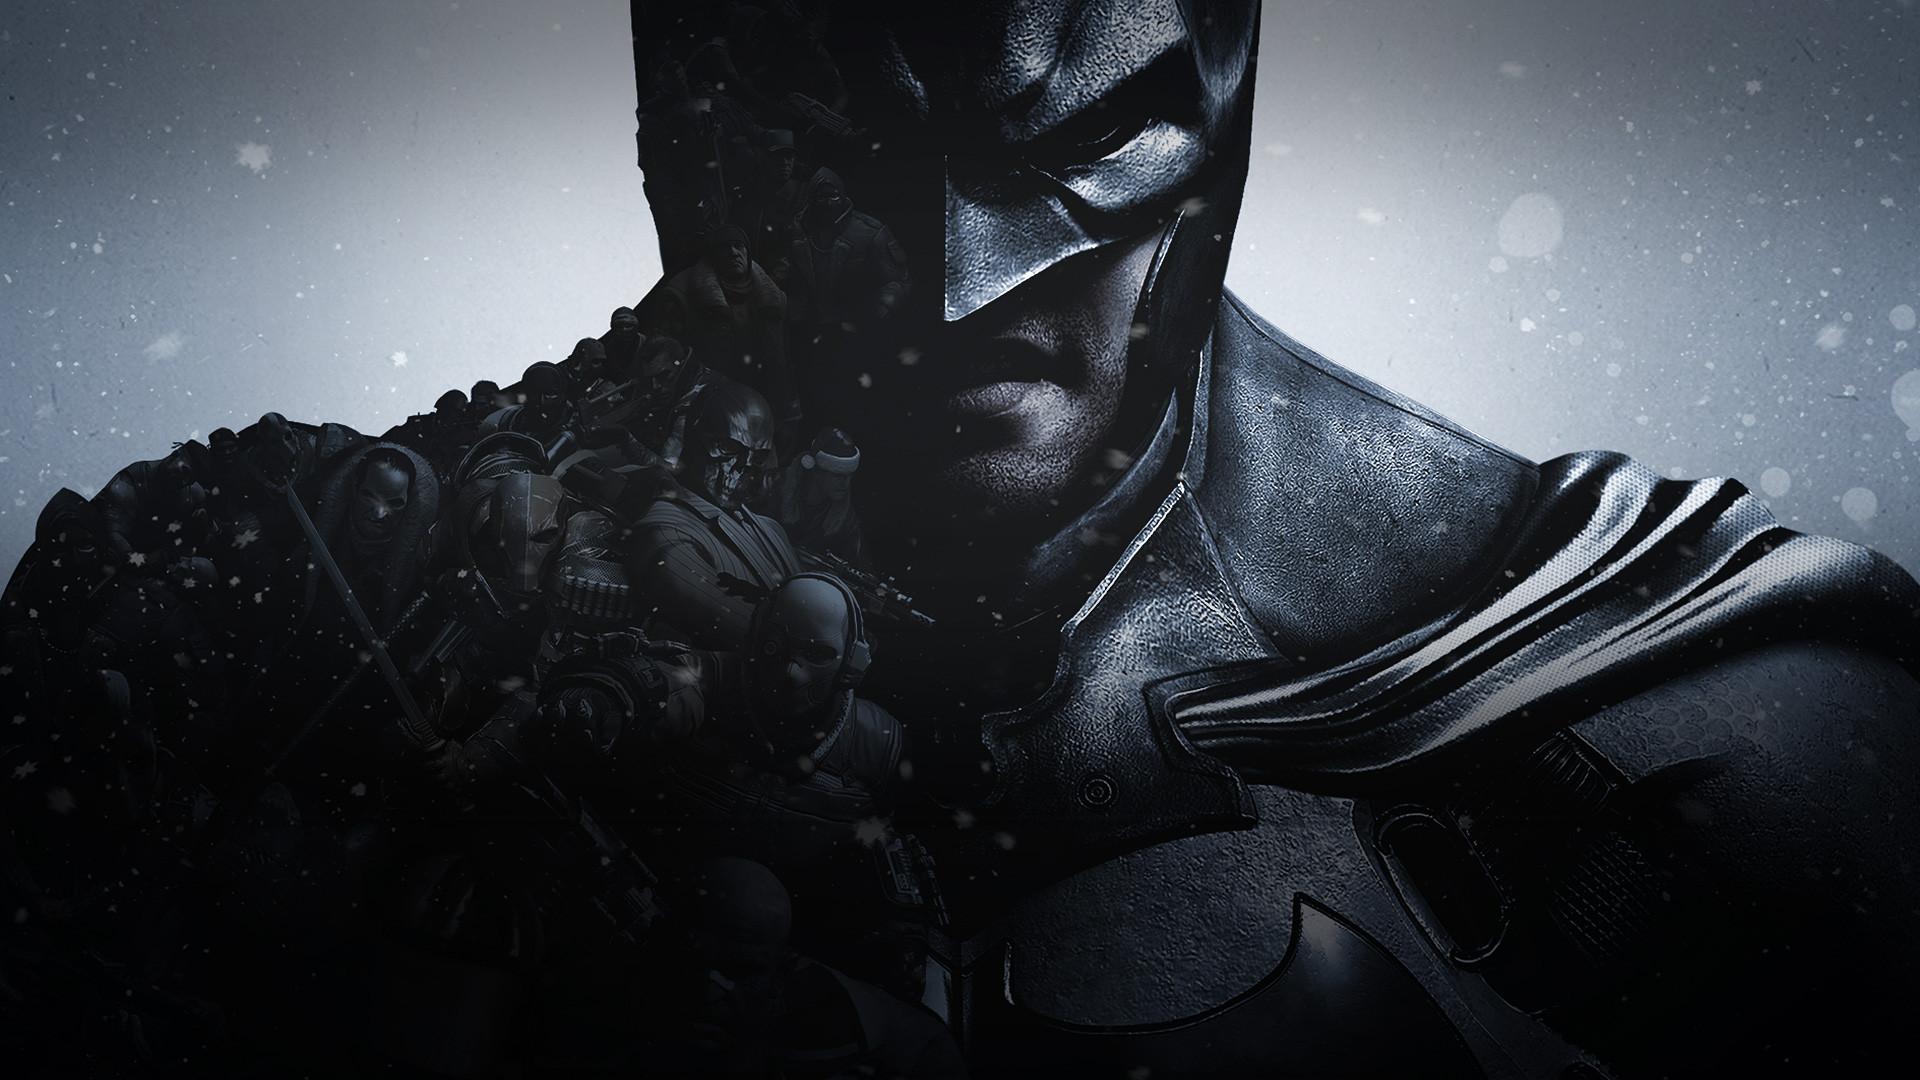 batman wallpaper iphone HD